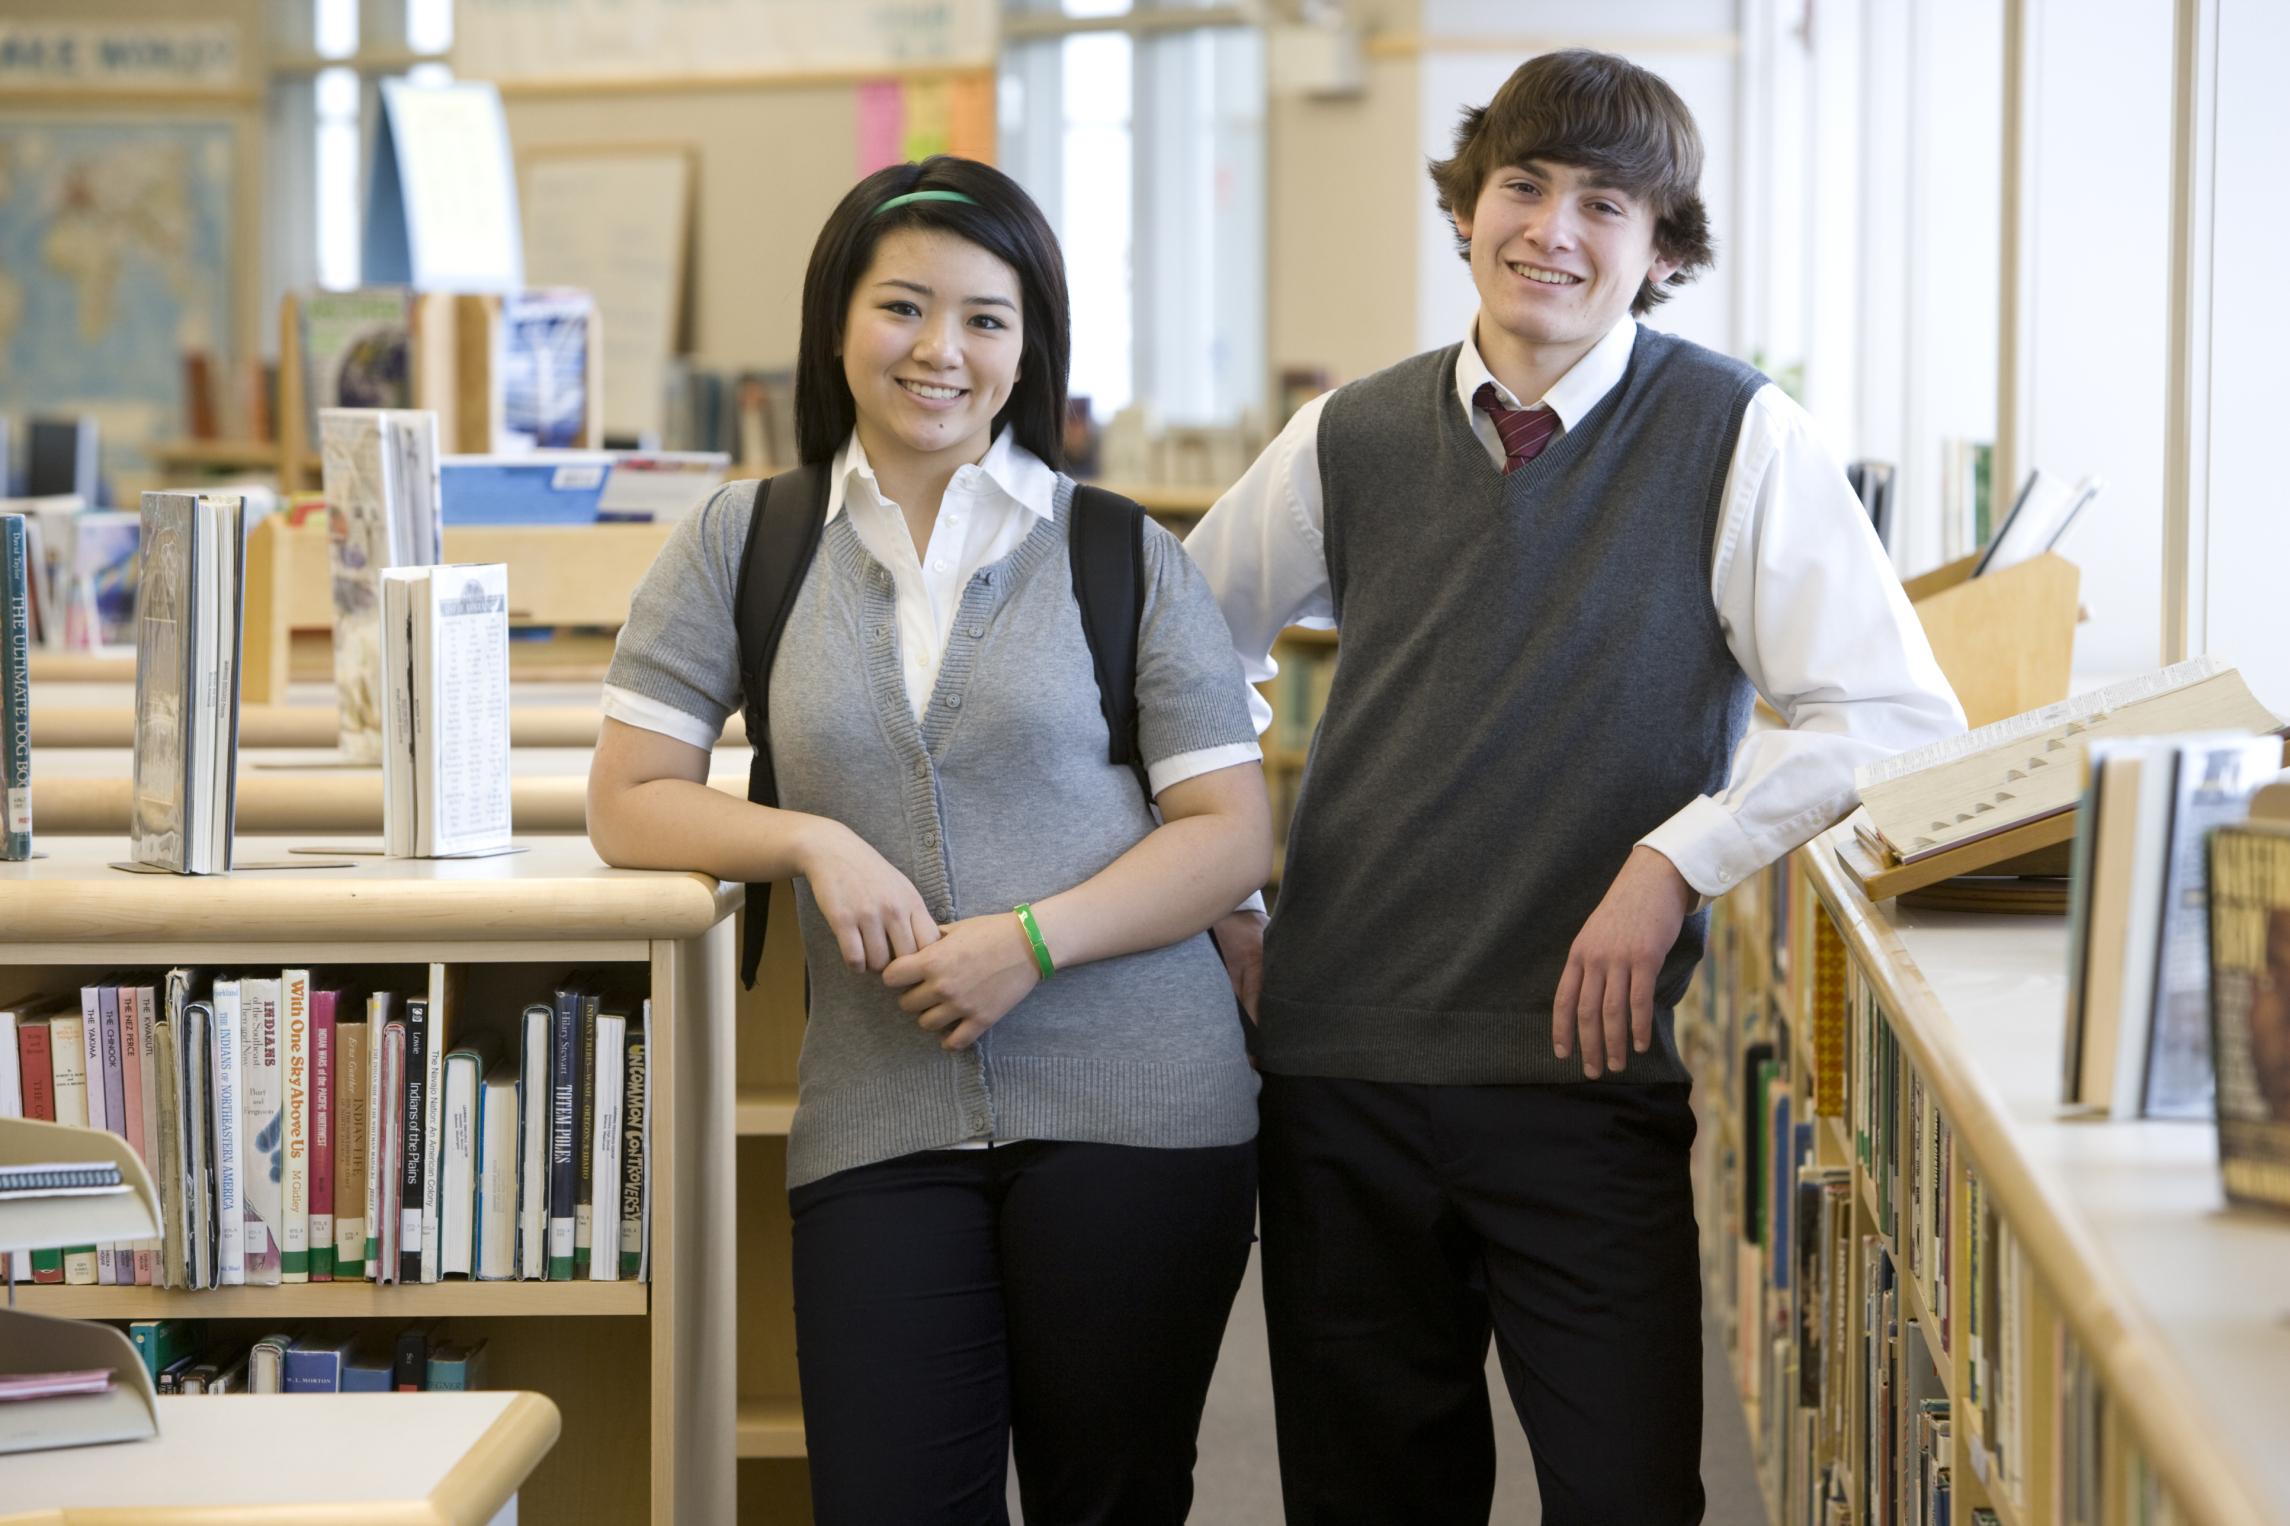 Disadvantages & Advantages of High Schools Adopting Dress Codes